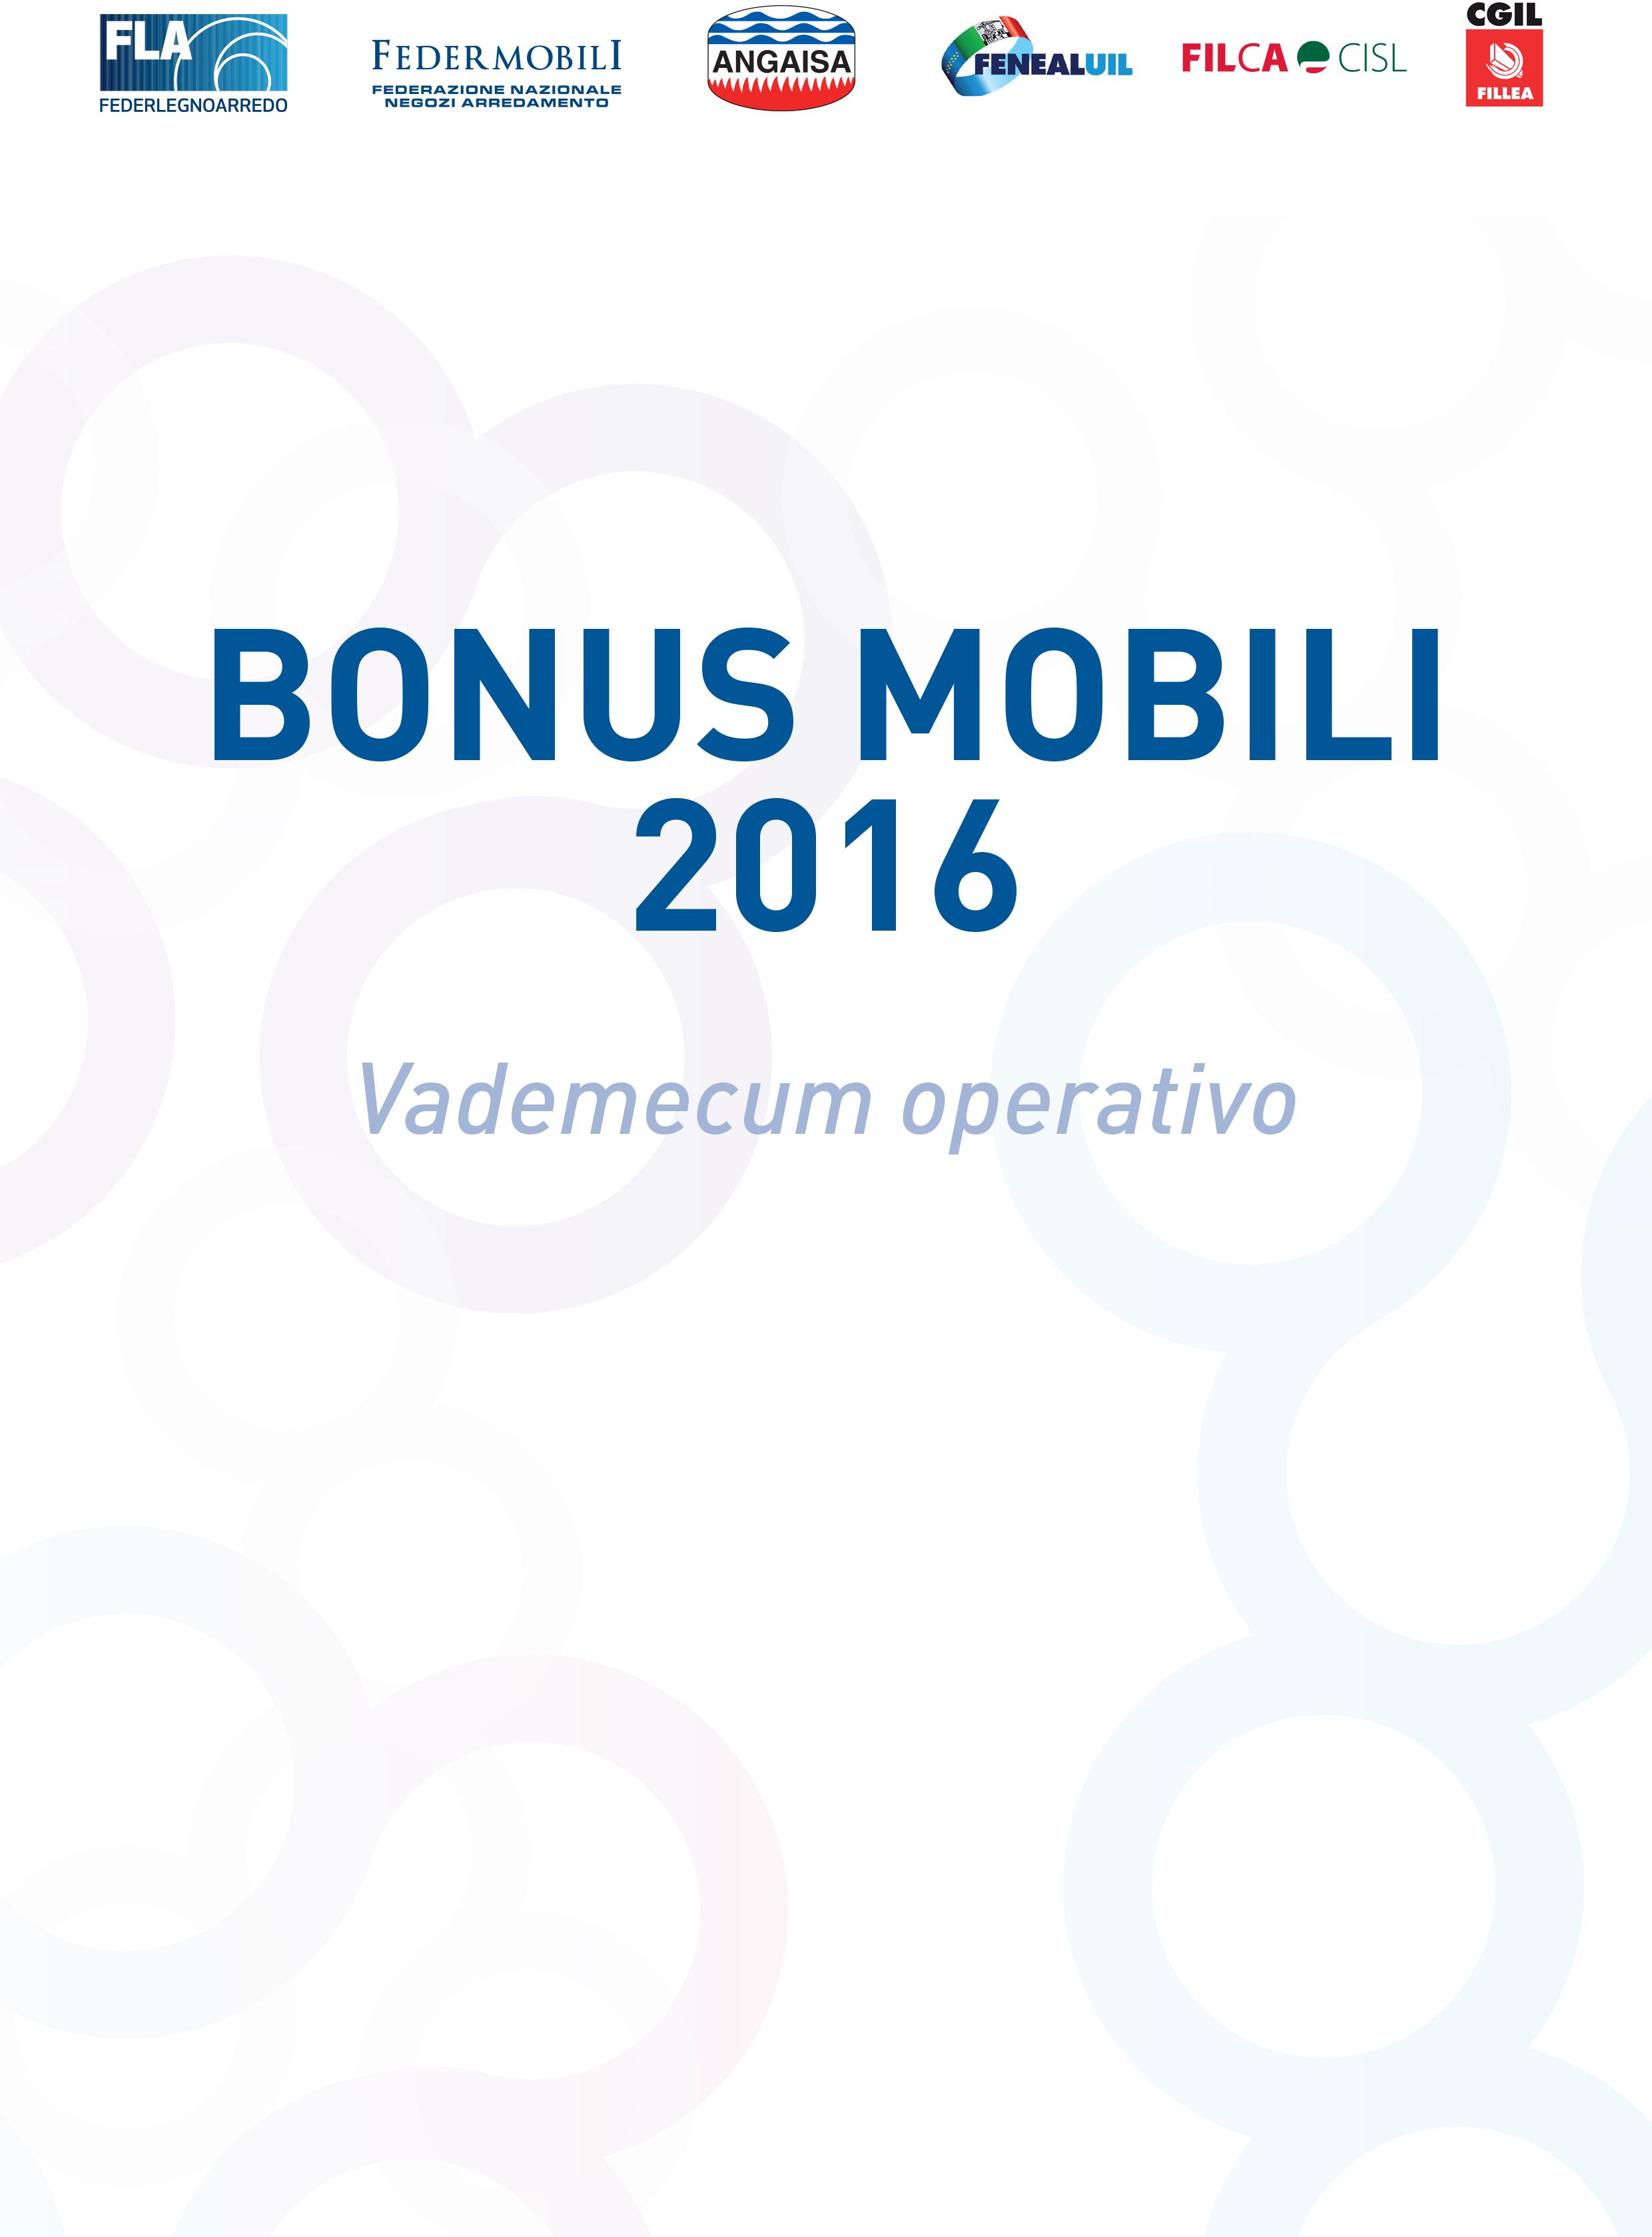 Bonus mobili 2016 servizi angaisa s r l for Bonus mobili 2016